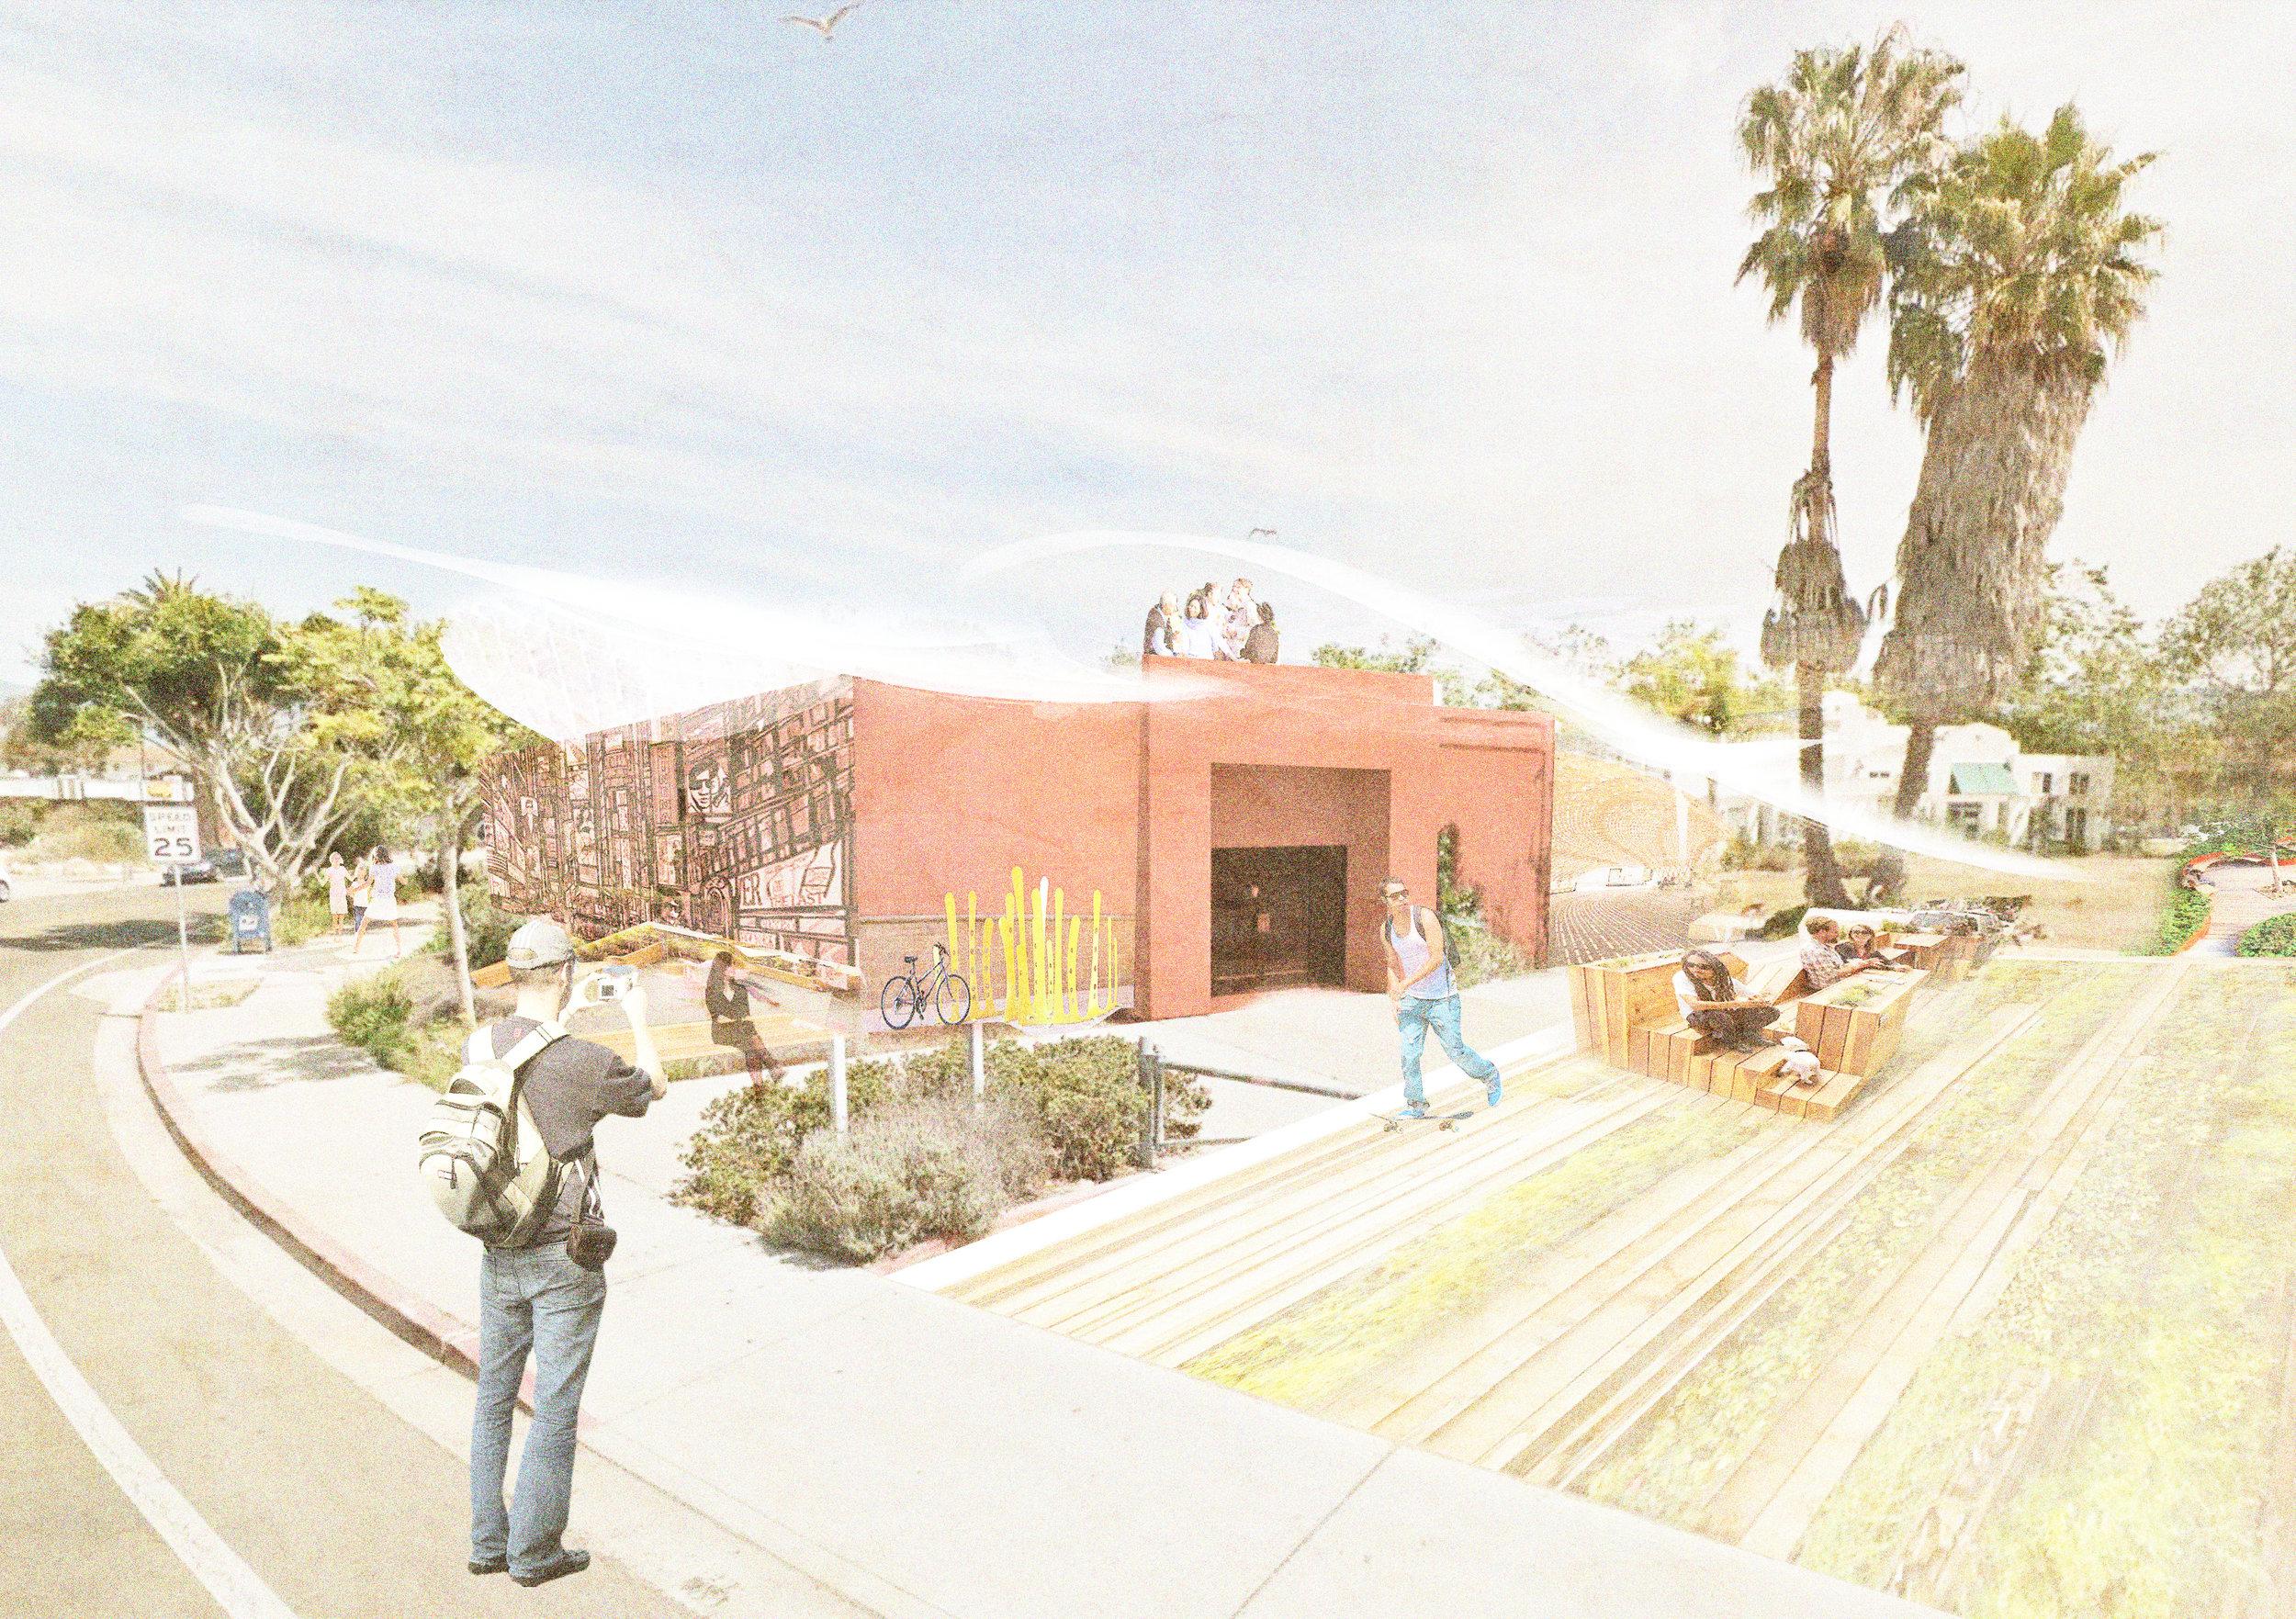 Isla Vista Community Center_Entrance.jpg